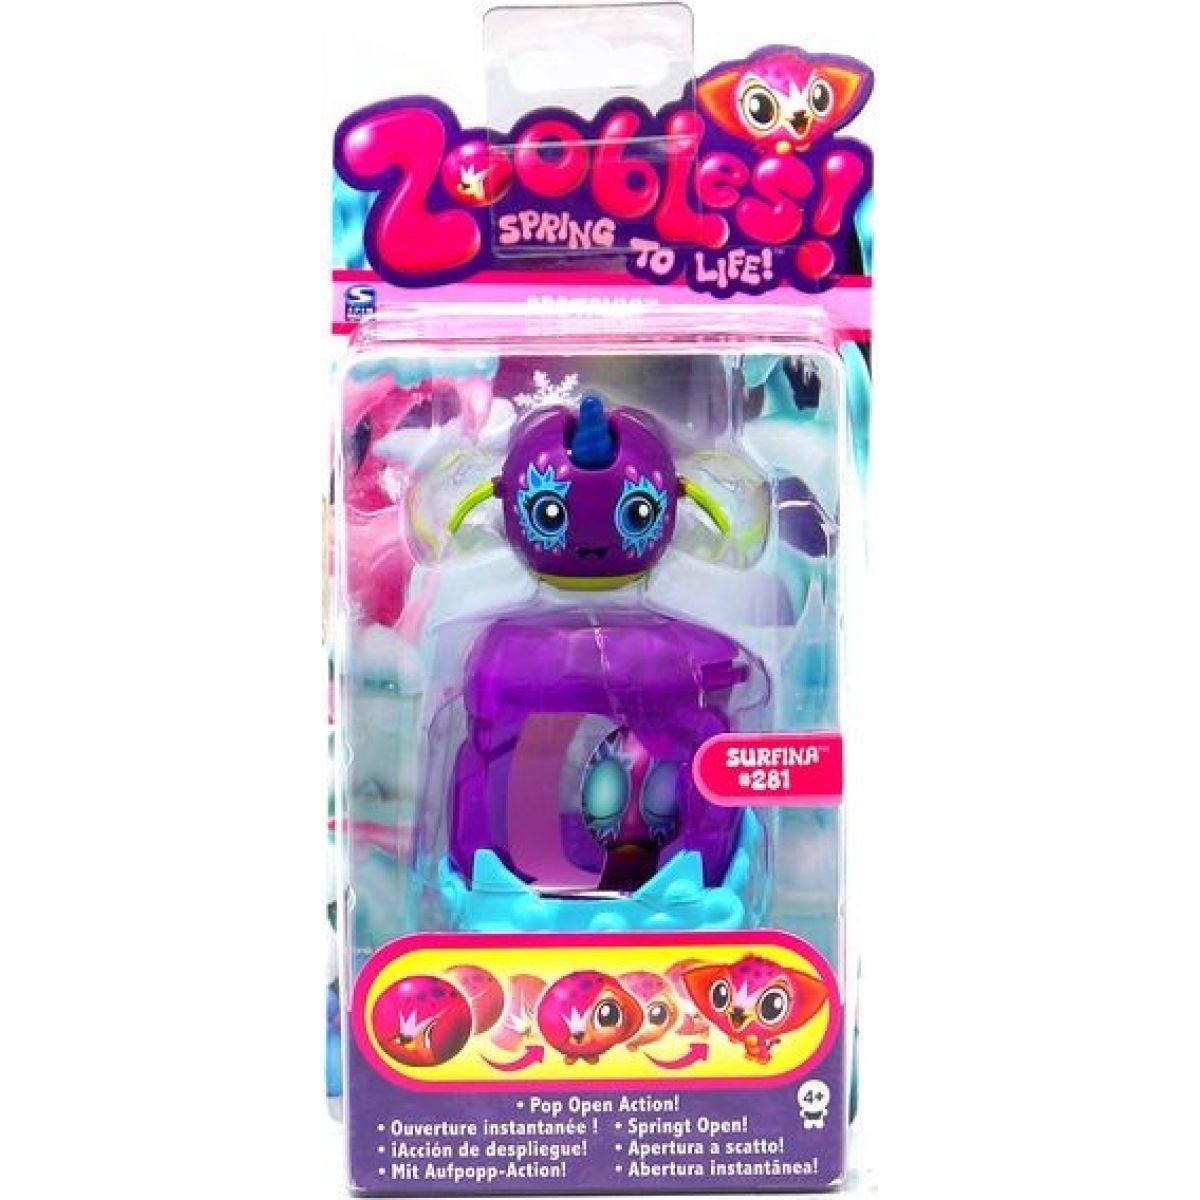 Zoobles Základní sada - 281 Surfina